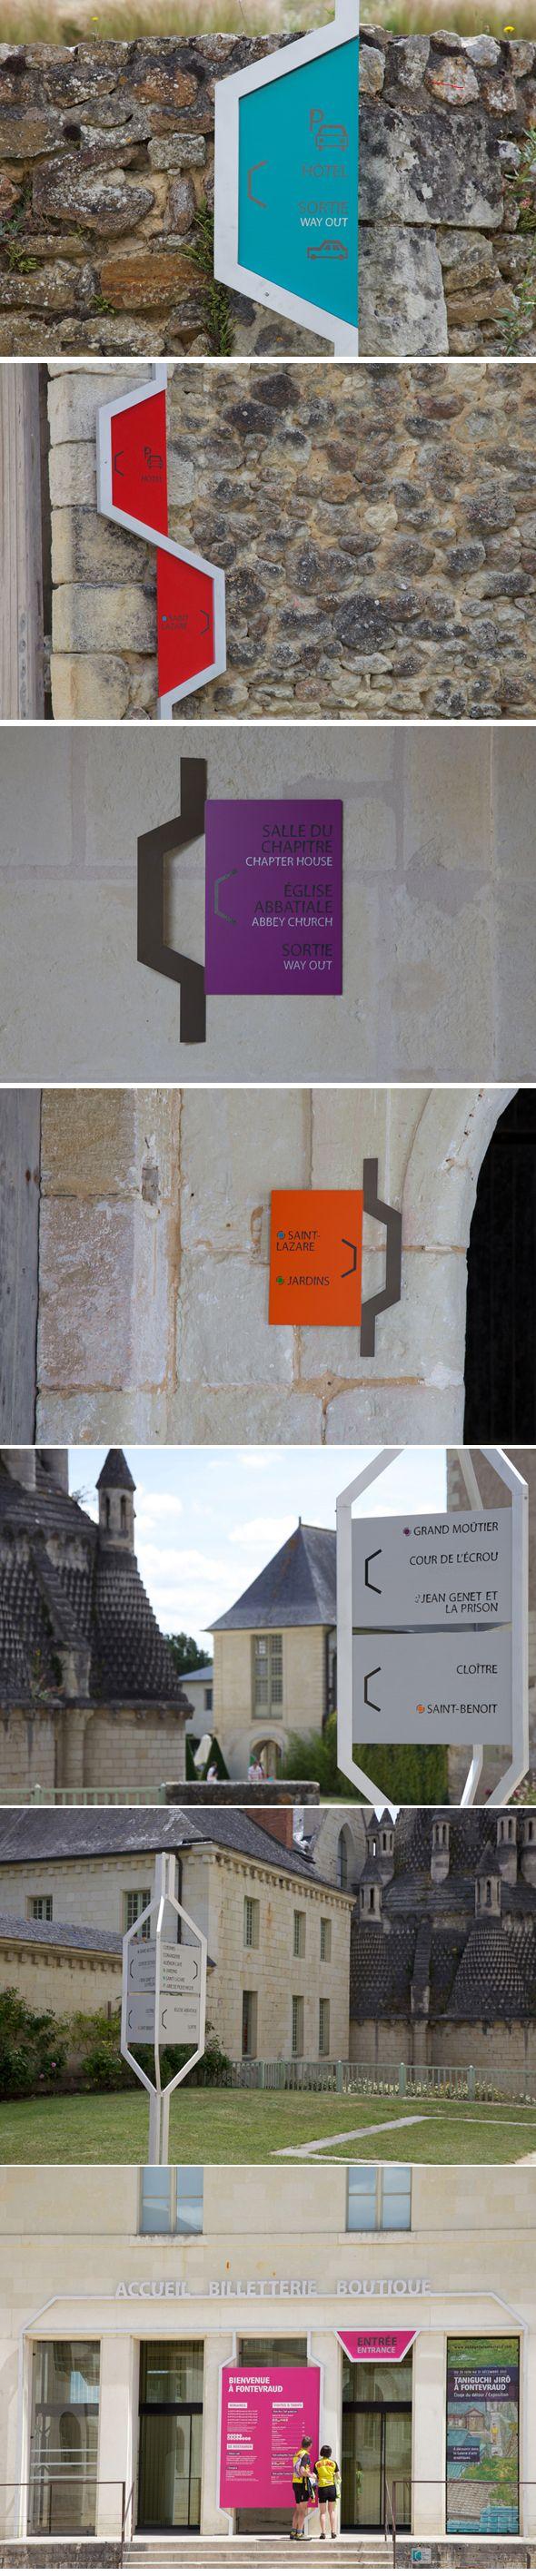 Signalétique de l'abbaye de Fontevraud par Matali Crasset